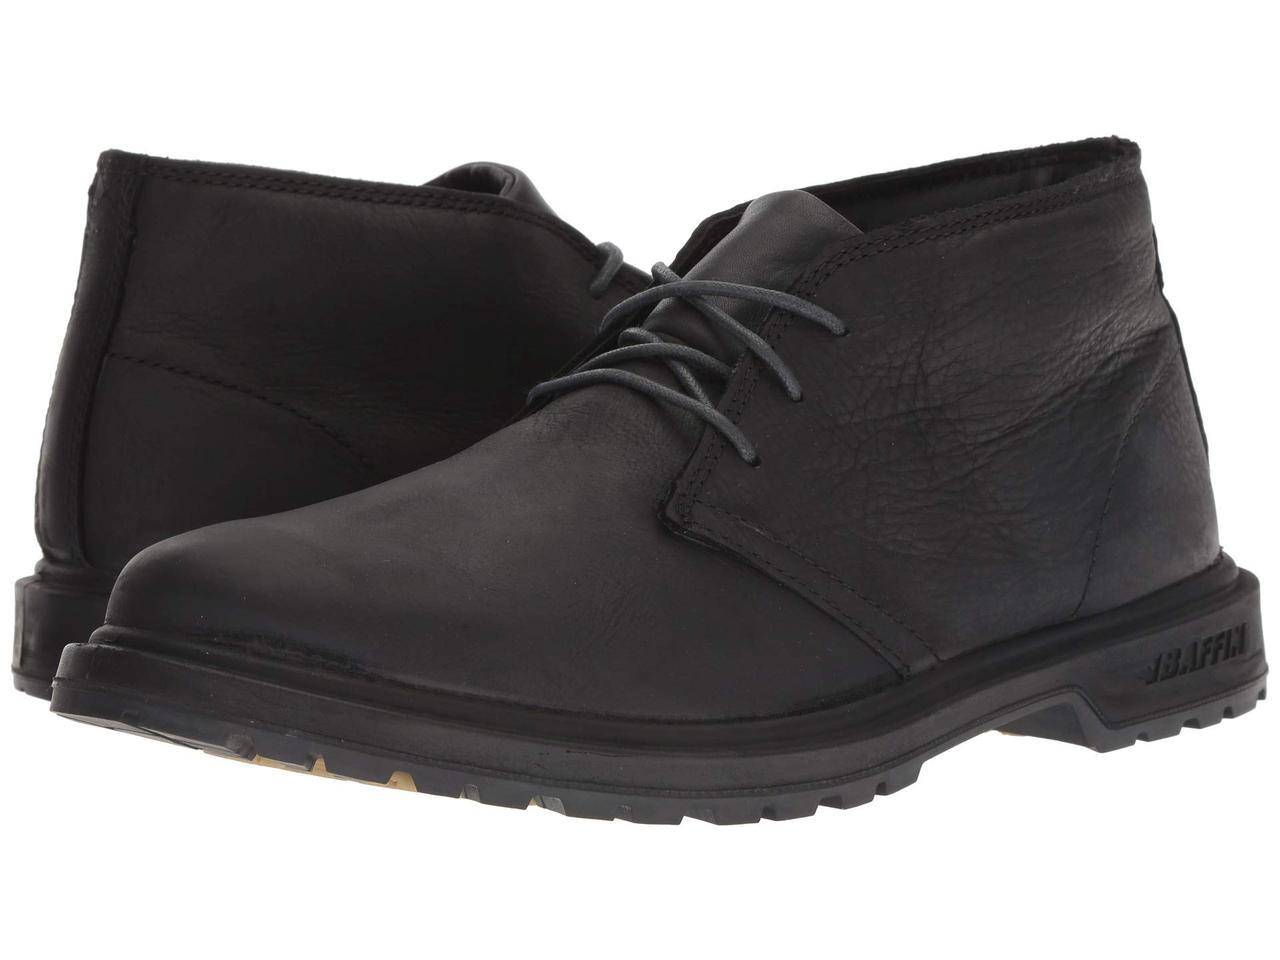 Ботинки/Сапоги (Оригинал) Baffin Mojave Black